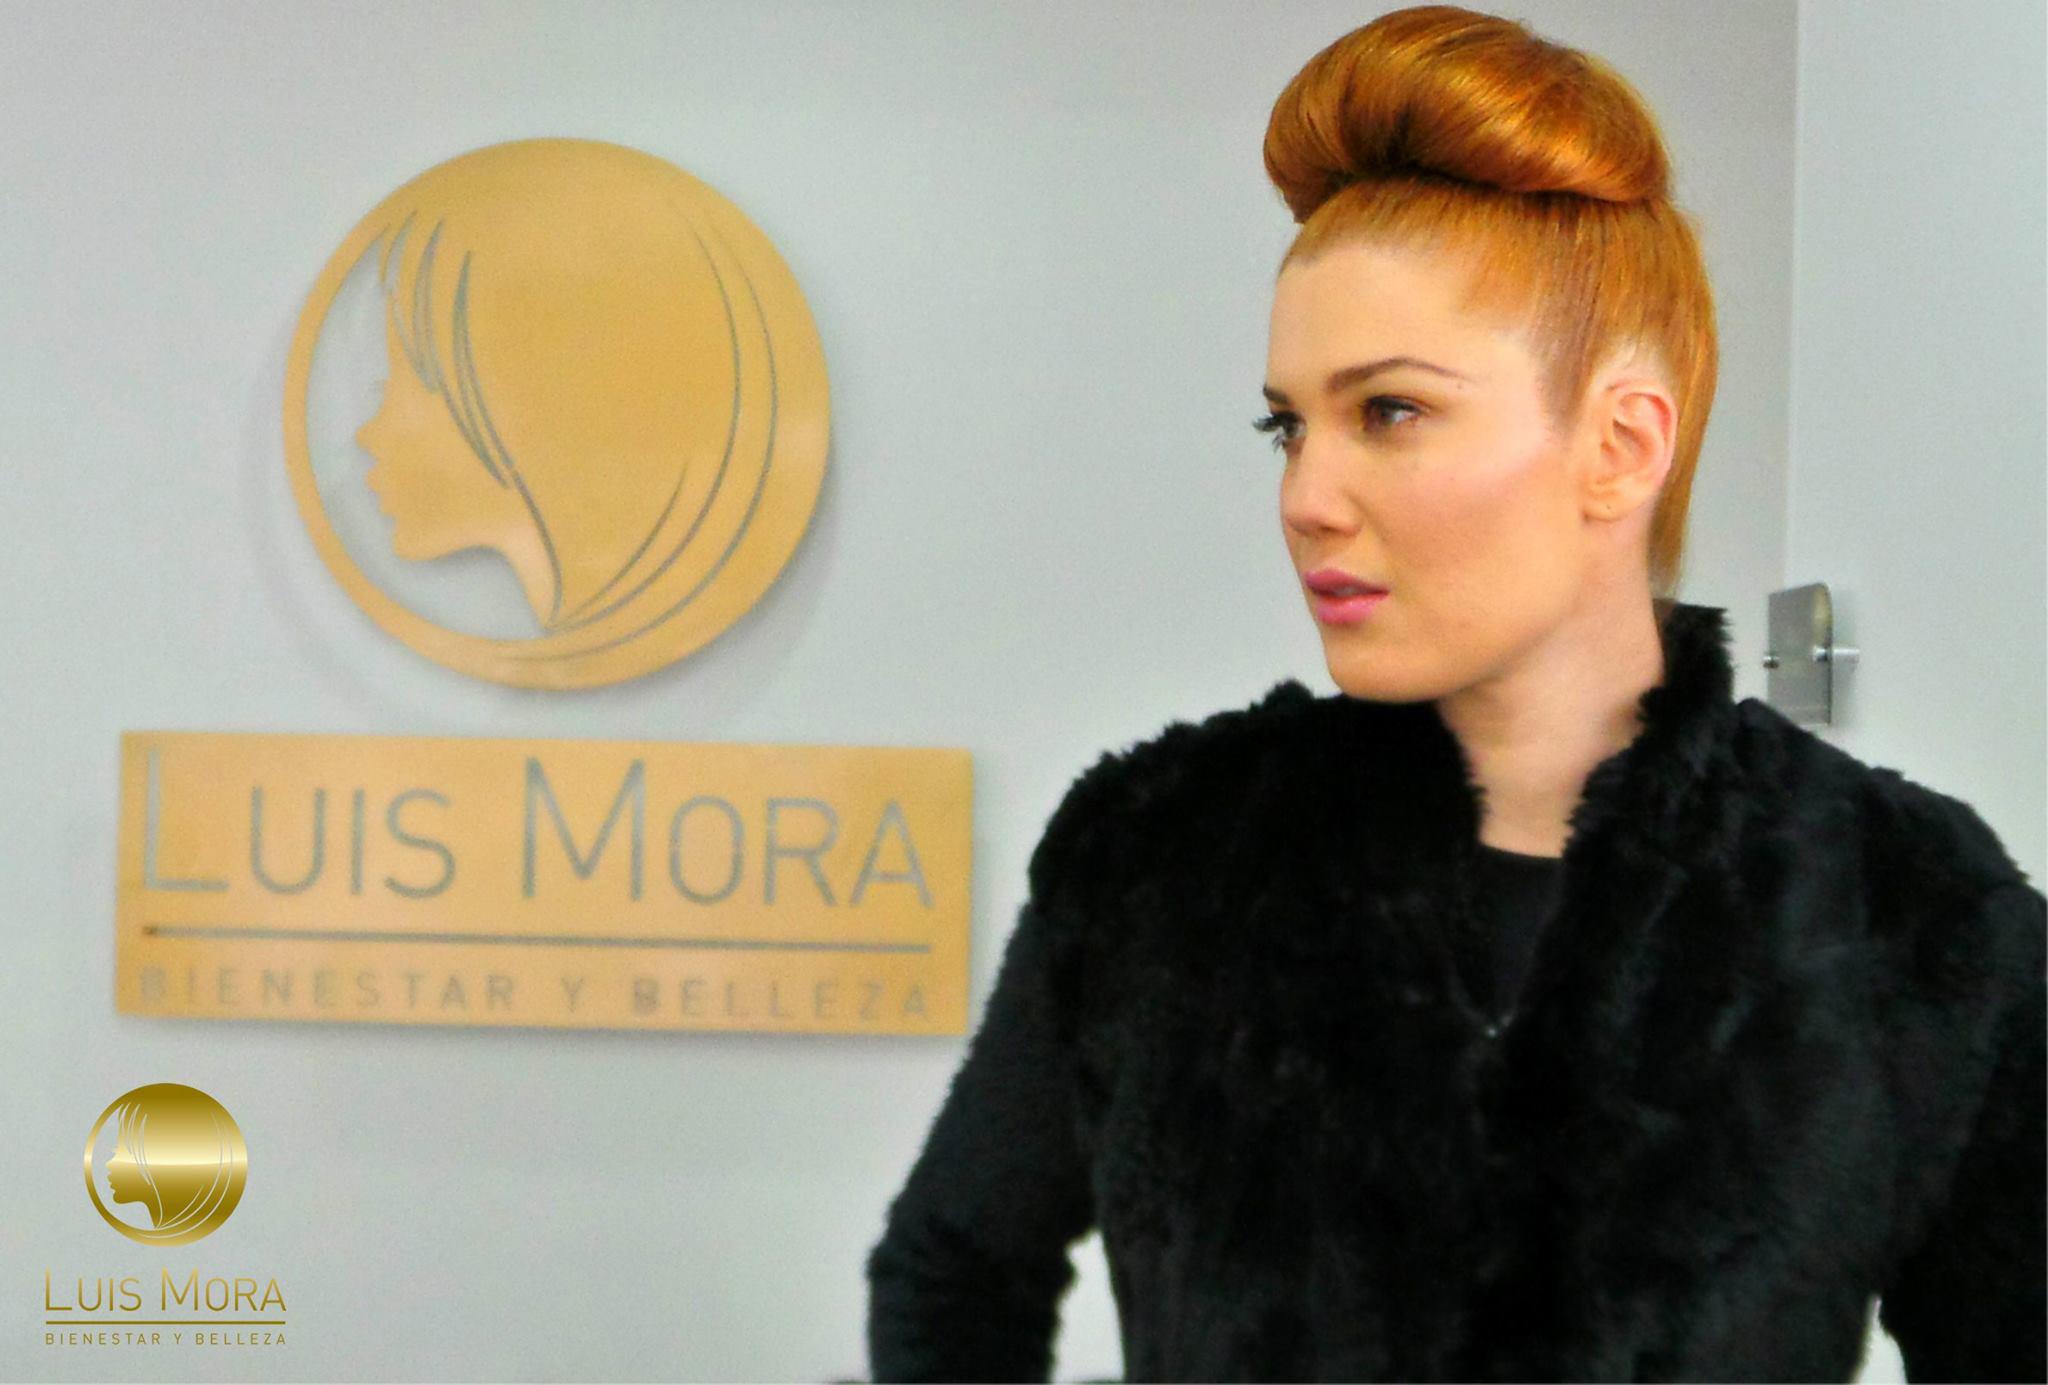 Luis Mora, Bienestar y Belleza